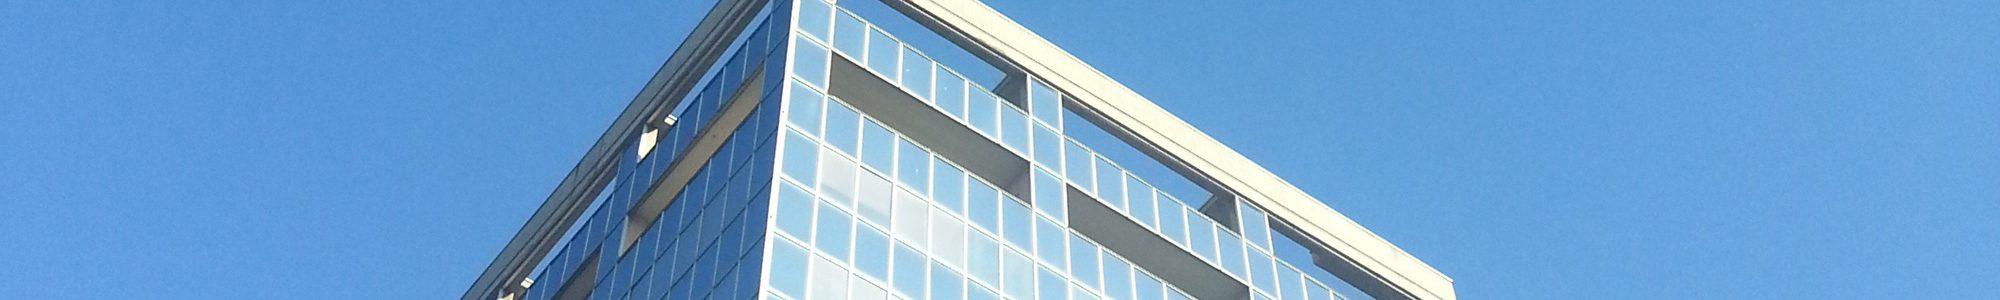 edificio_blu_nexteria